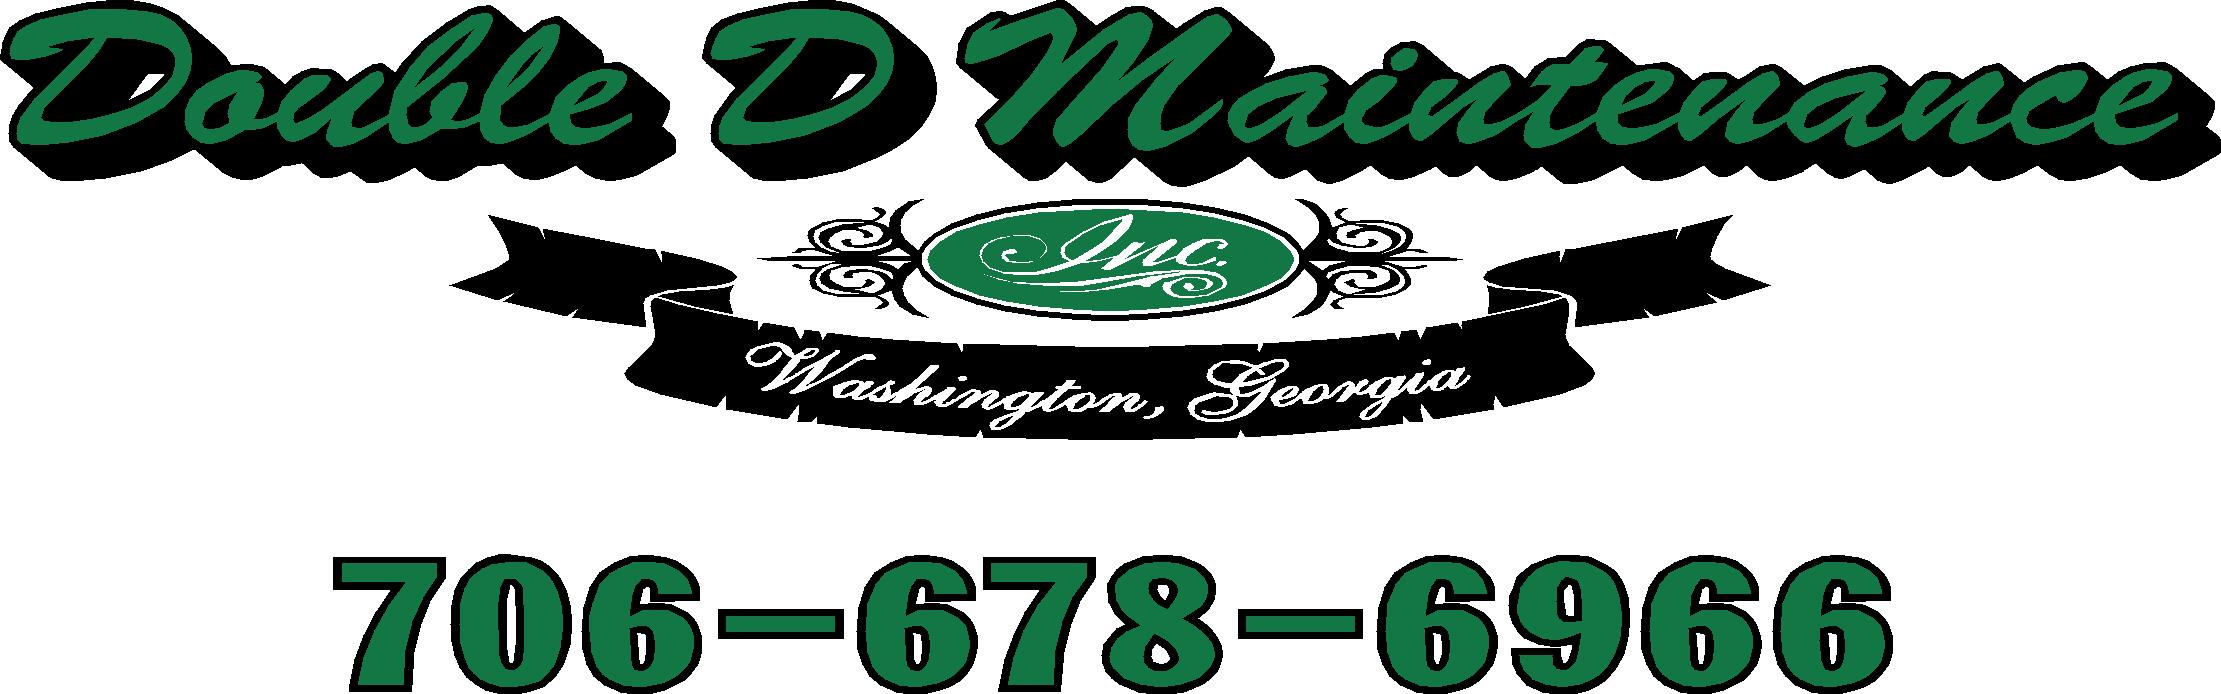 Double D Maintenance Inc